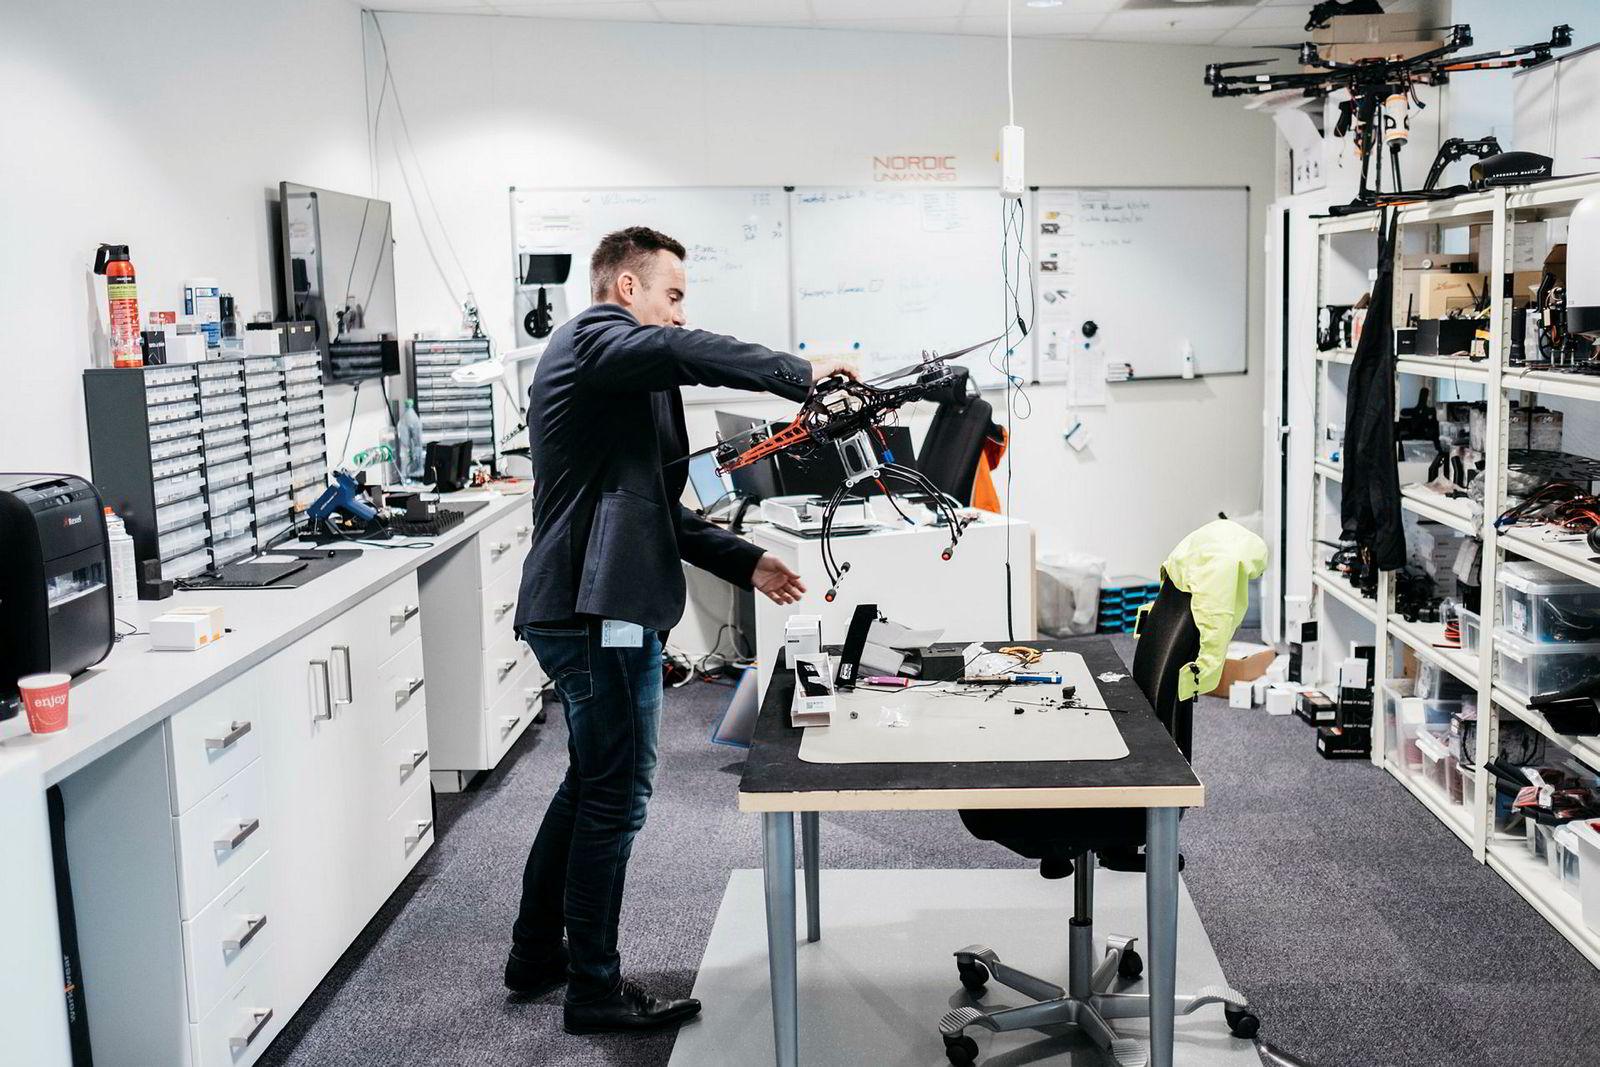 Daglig leder Knut Roar Wiig i Nordic Unmanned løfter en drone over på arbeidsbenken i verkstedet. Selskapet har vunnet en kjempekontrakt med EU og skal fly droner for å måle avgasser på skip.